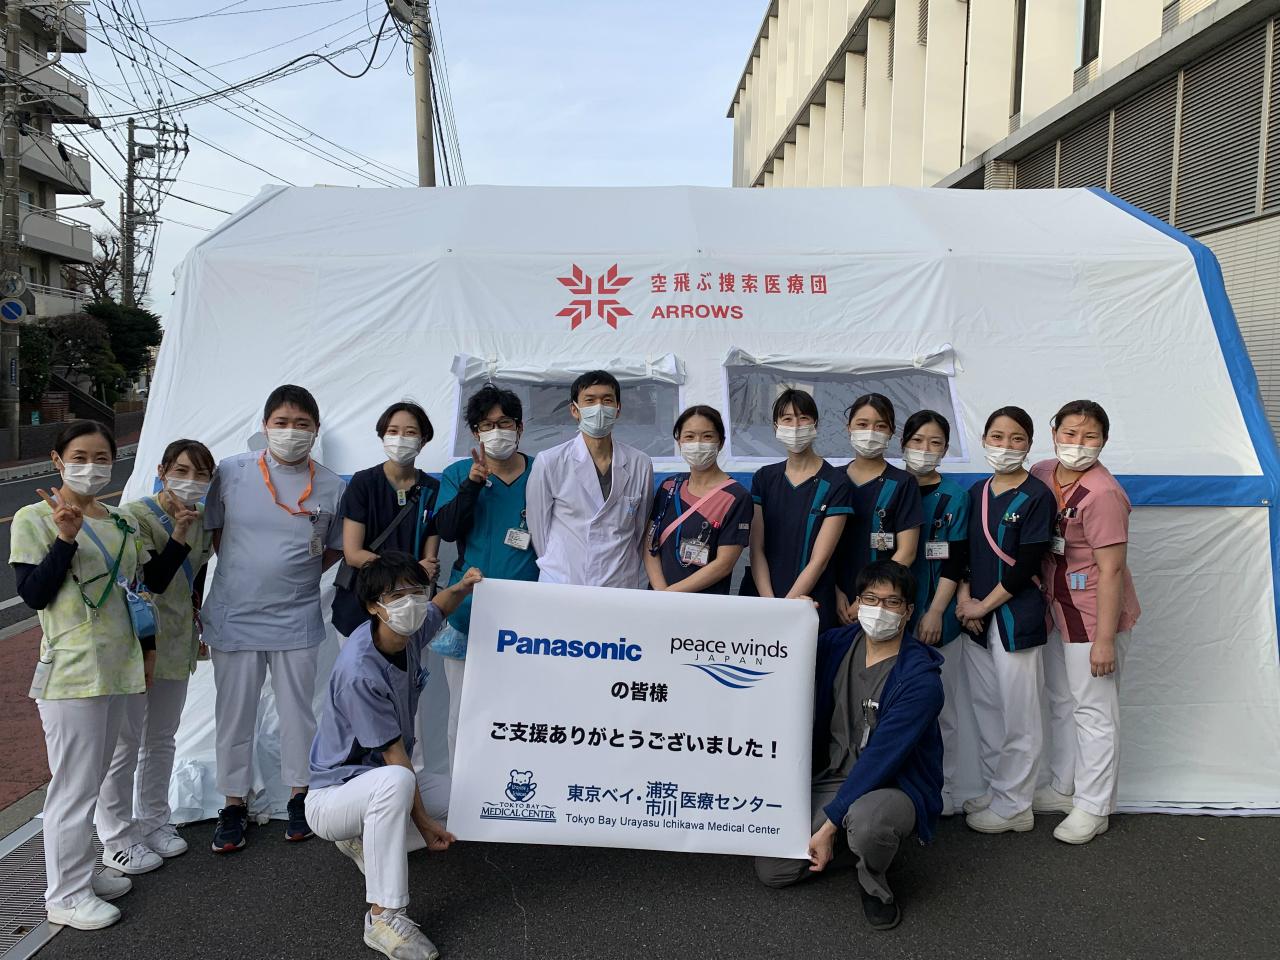 企業と協力し新型コロナウイルス感染症対応を行う病院にテントを寄贈